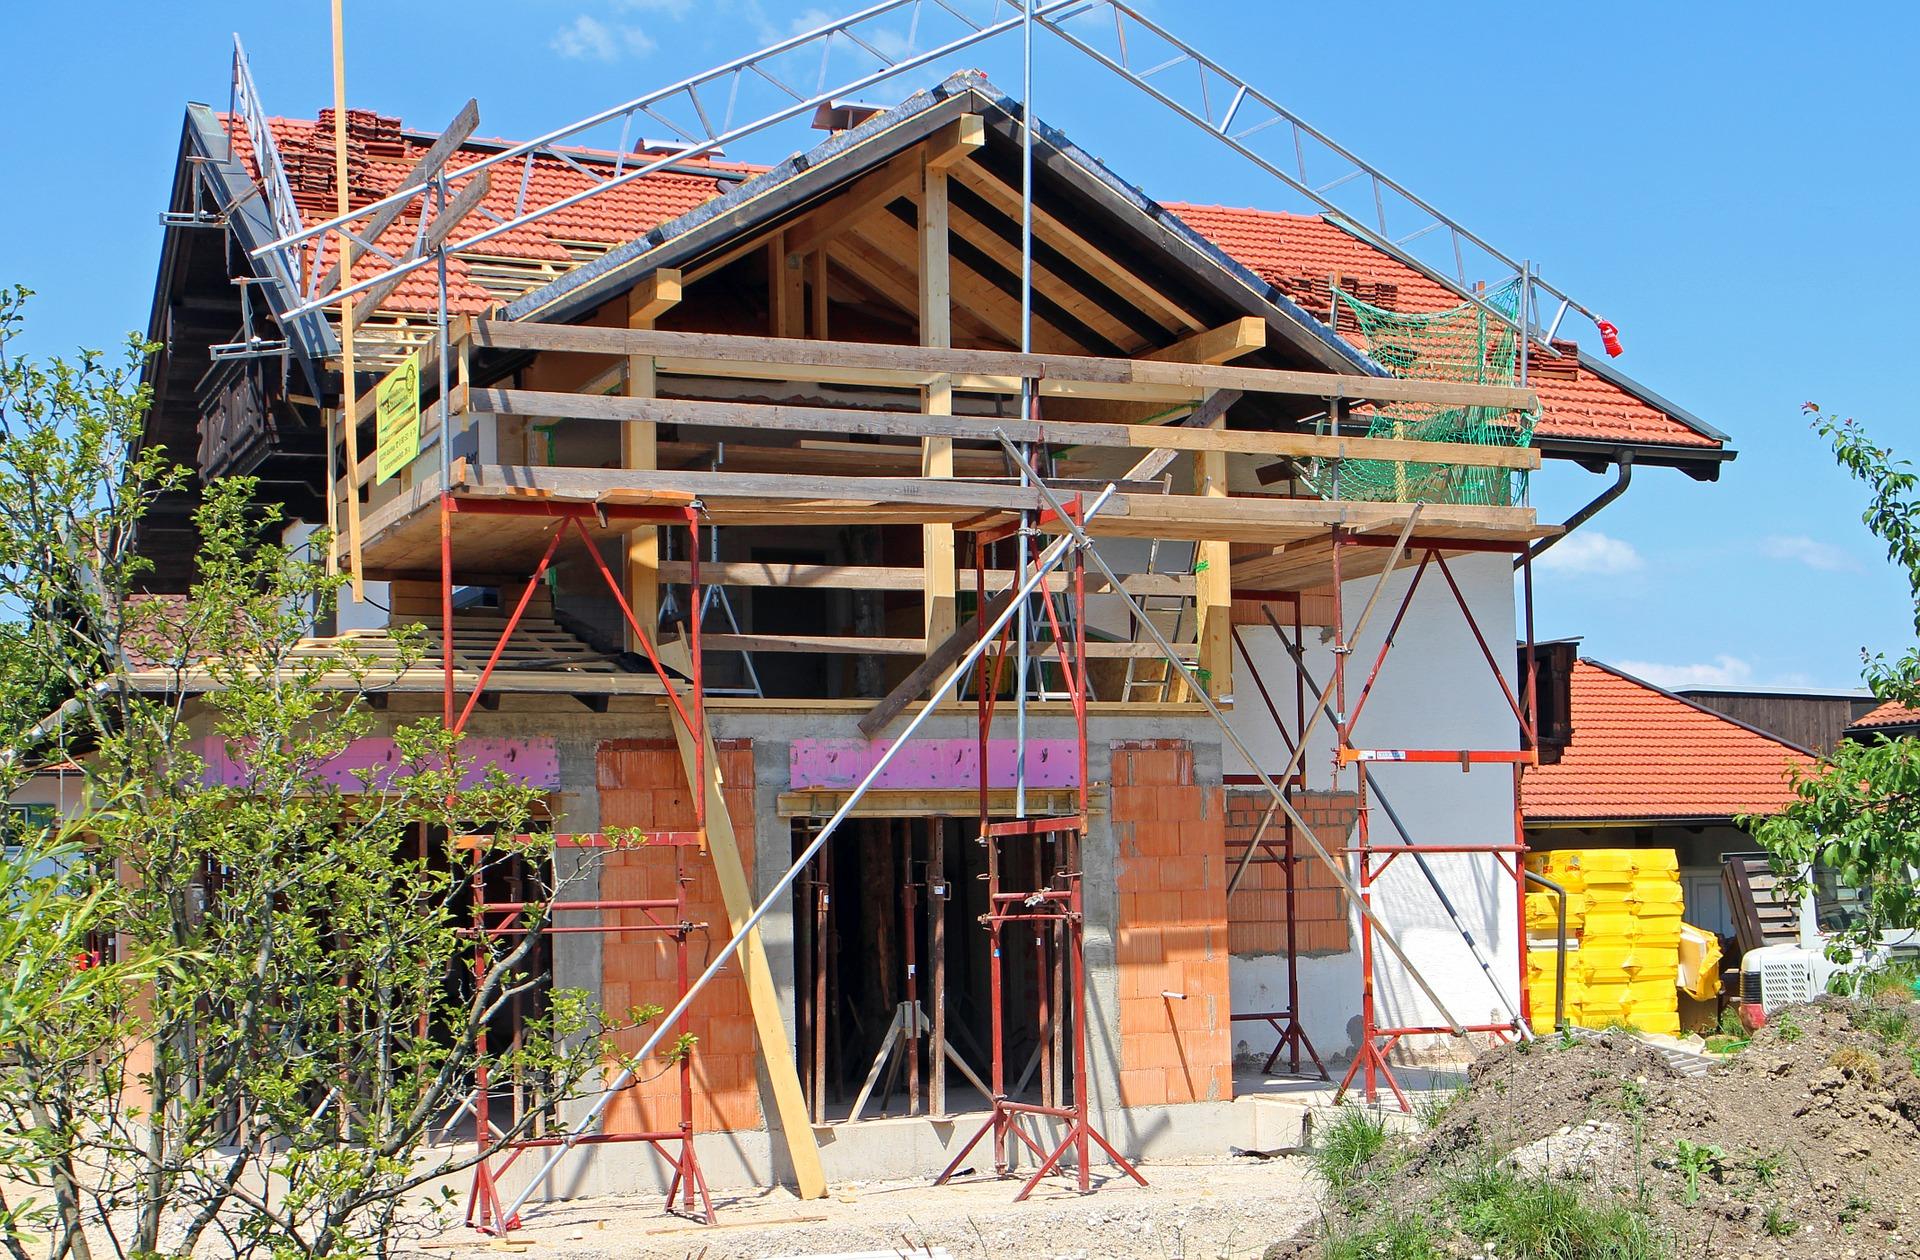 Bauzinsen sind heute so günstig wie nie. Das kann trotz der gesetzlichen Mietpreisbremse für ausreichende Rendite sorgen.  Antrainas (CC0-Lizenz) © pixabay.com